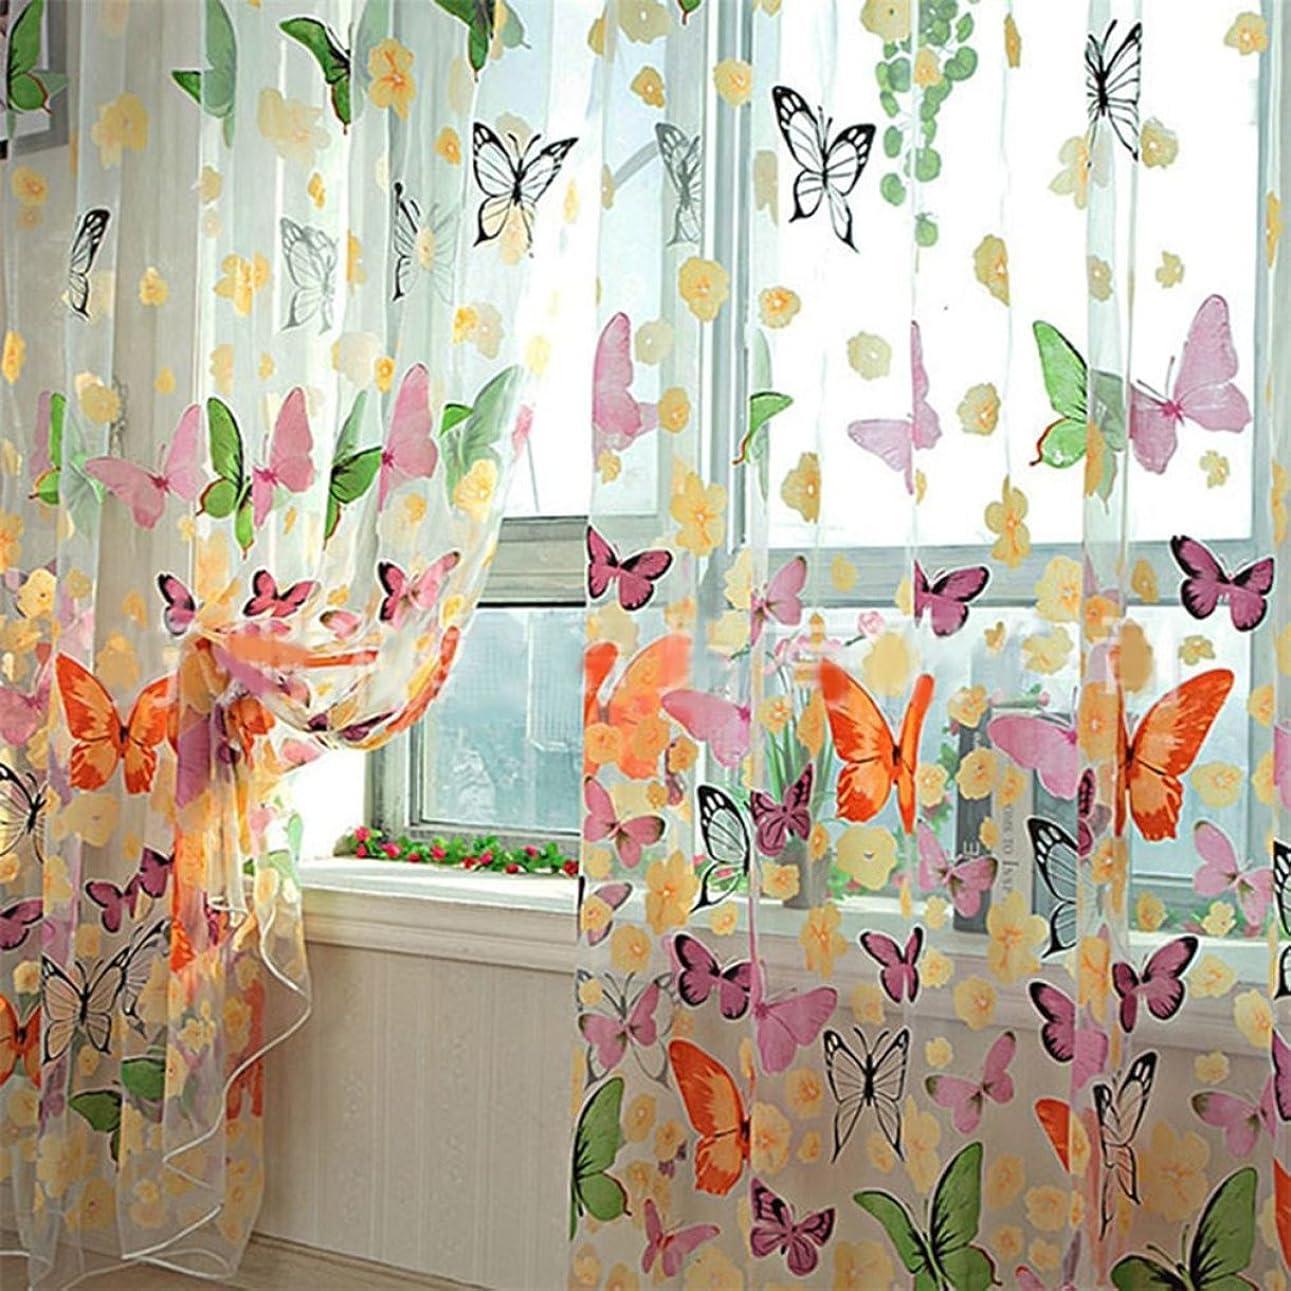 染料同化貫通1Pc Romantic Butterfly Transparent Curtains Tulle 1x2m for Casement And Door Printed Window Curtain Sheer Voile Curtain